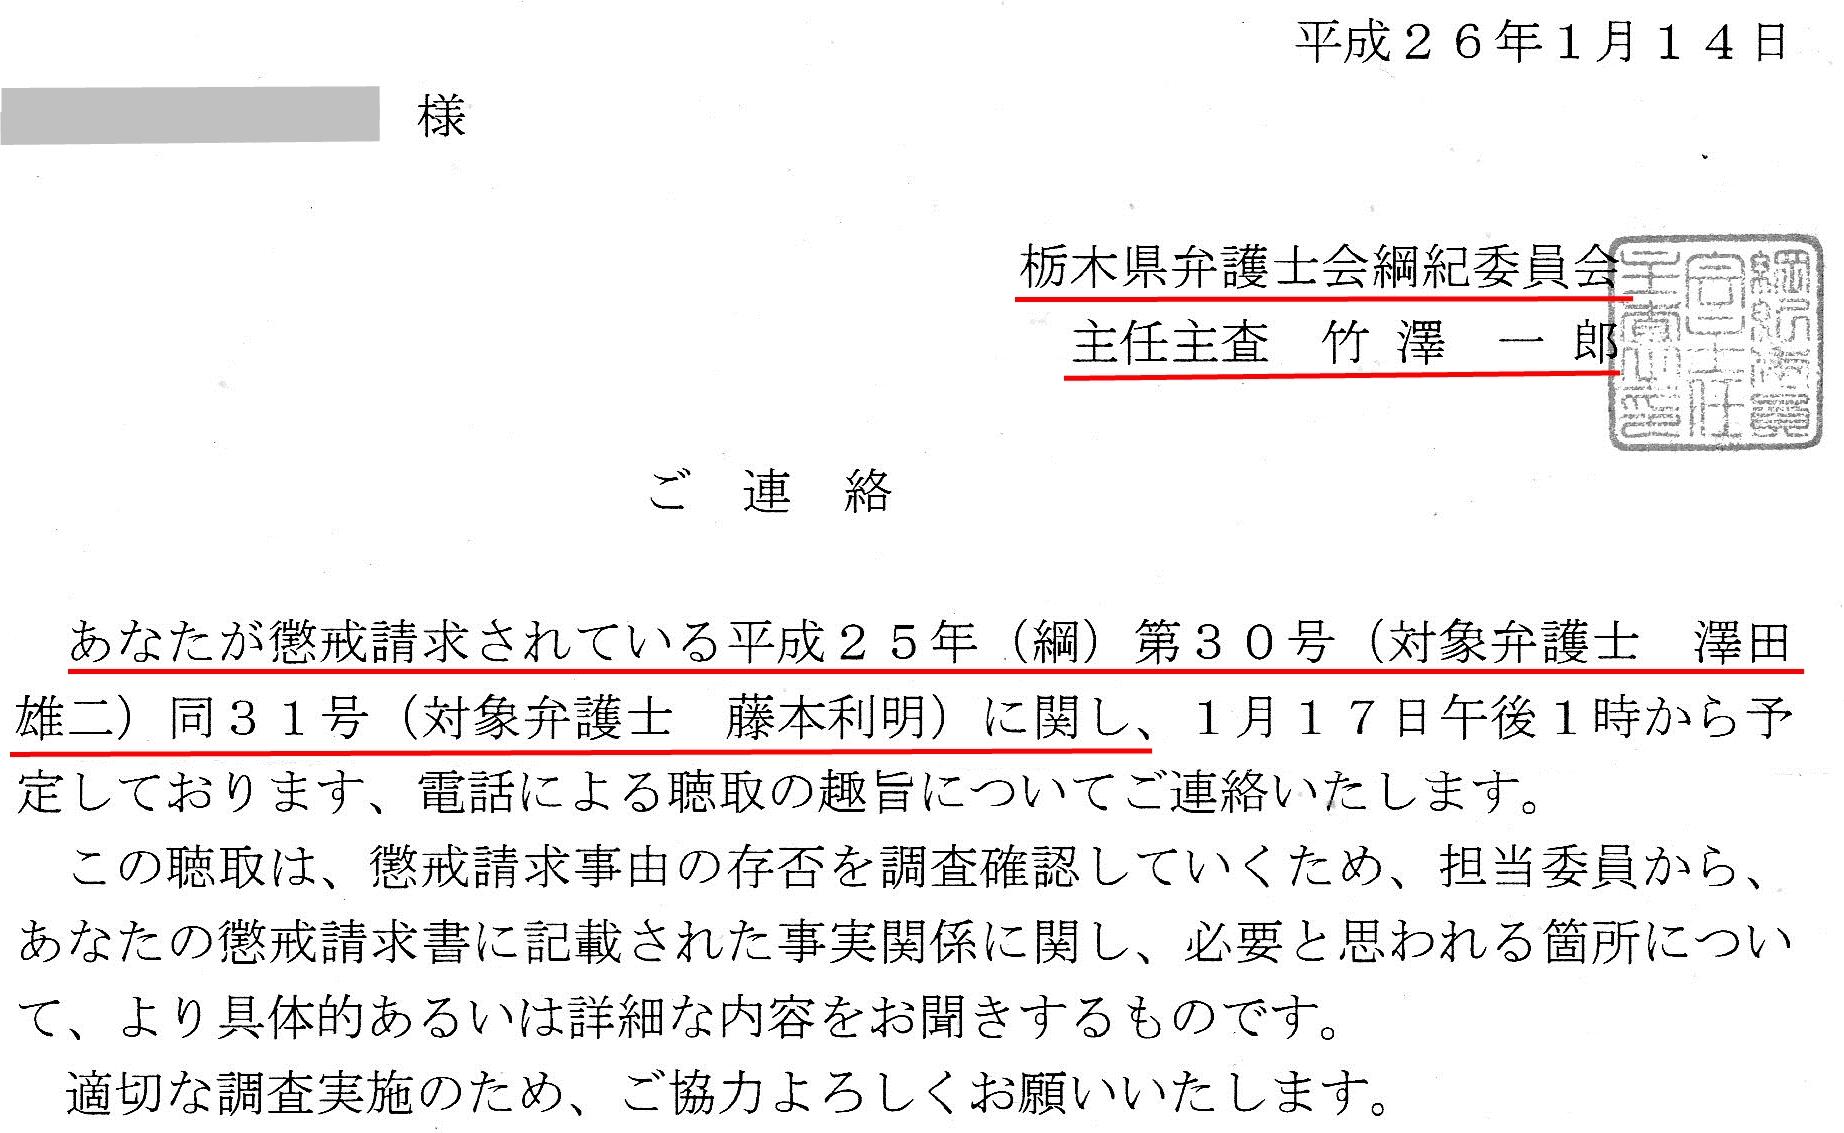 竹澤一郎弁護士